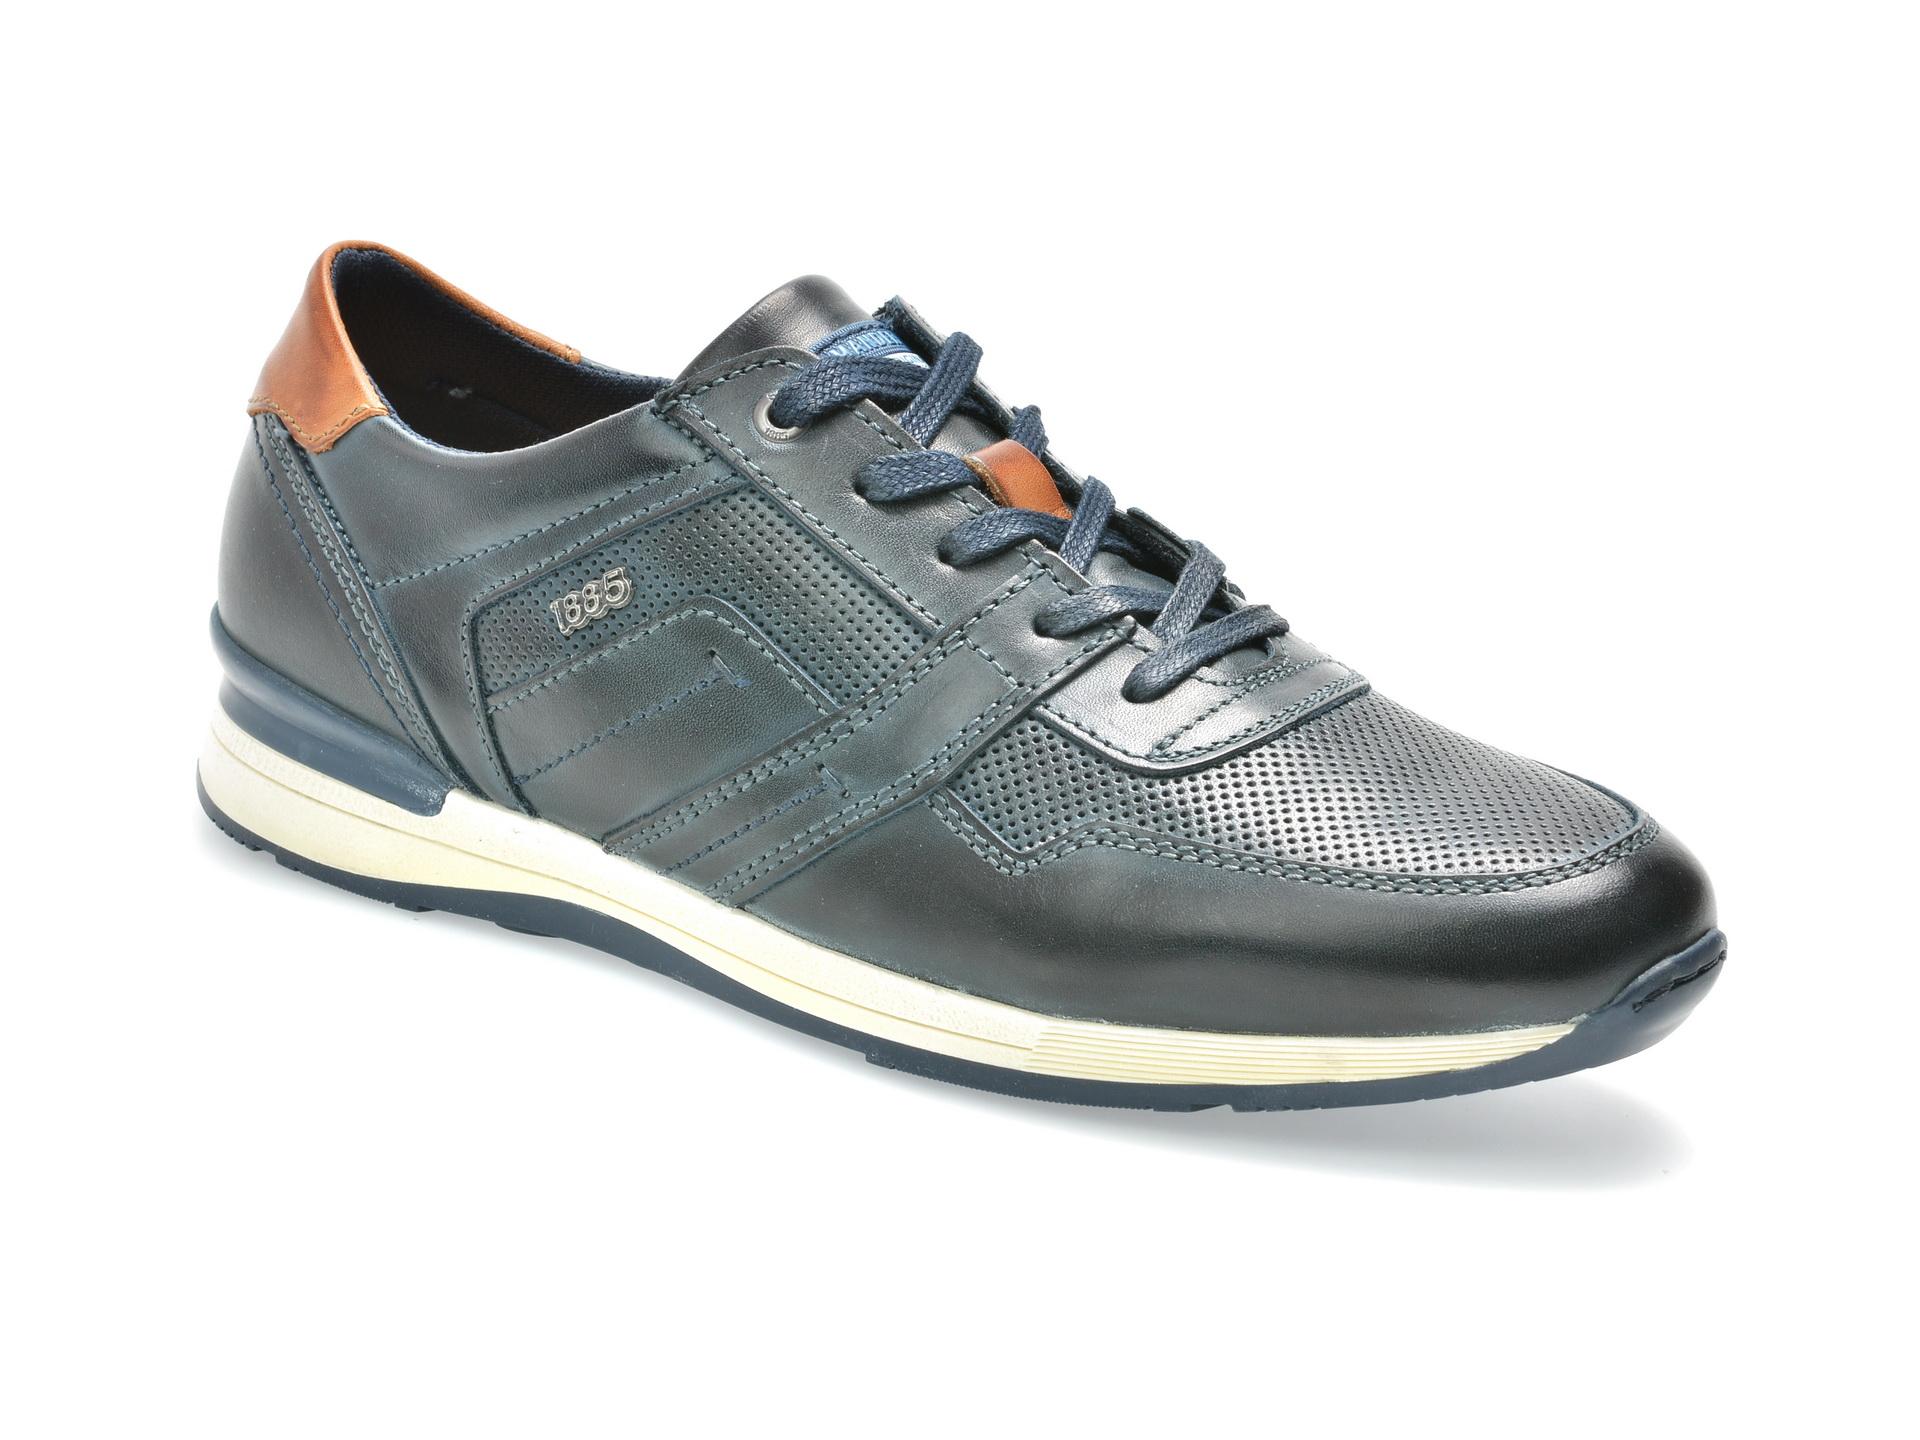 Pantofi SALAMANDER bleumarin, 56201, din piele naturala